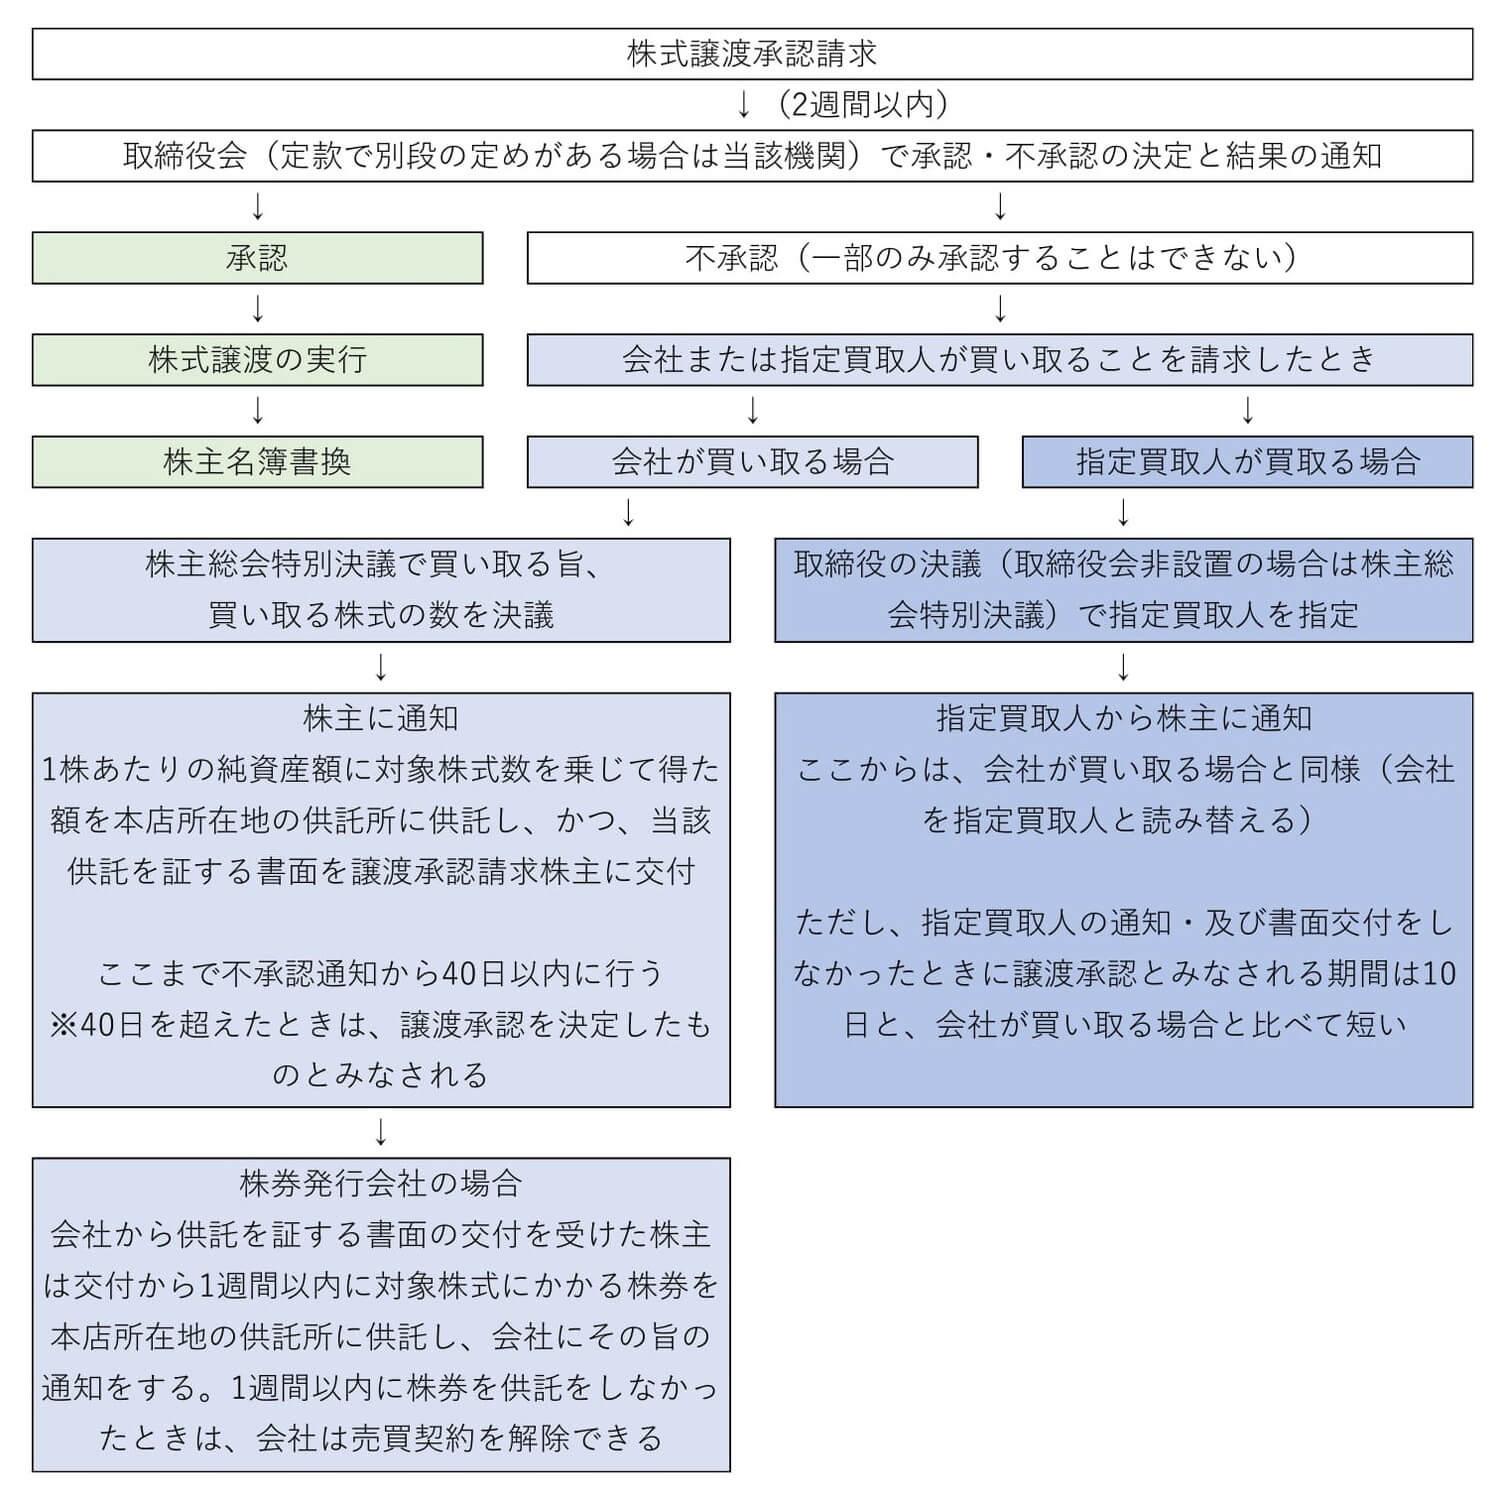 譲渡制限株式を譲渡する際の手続きの手順